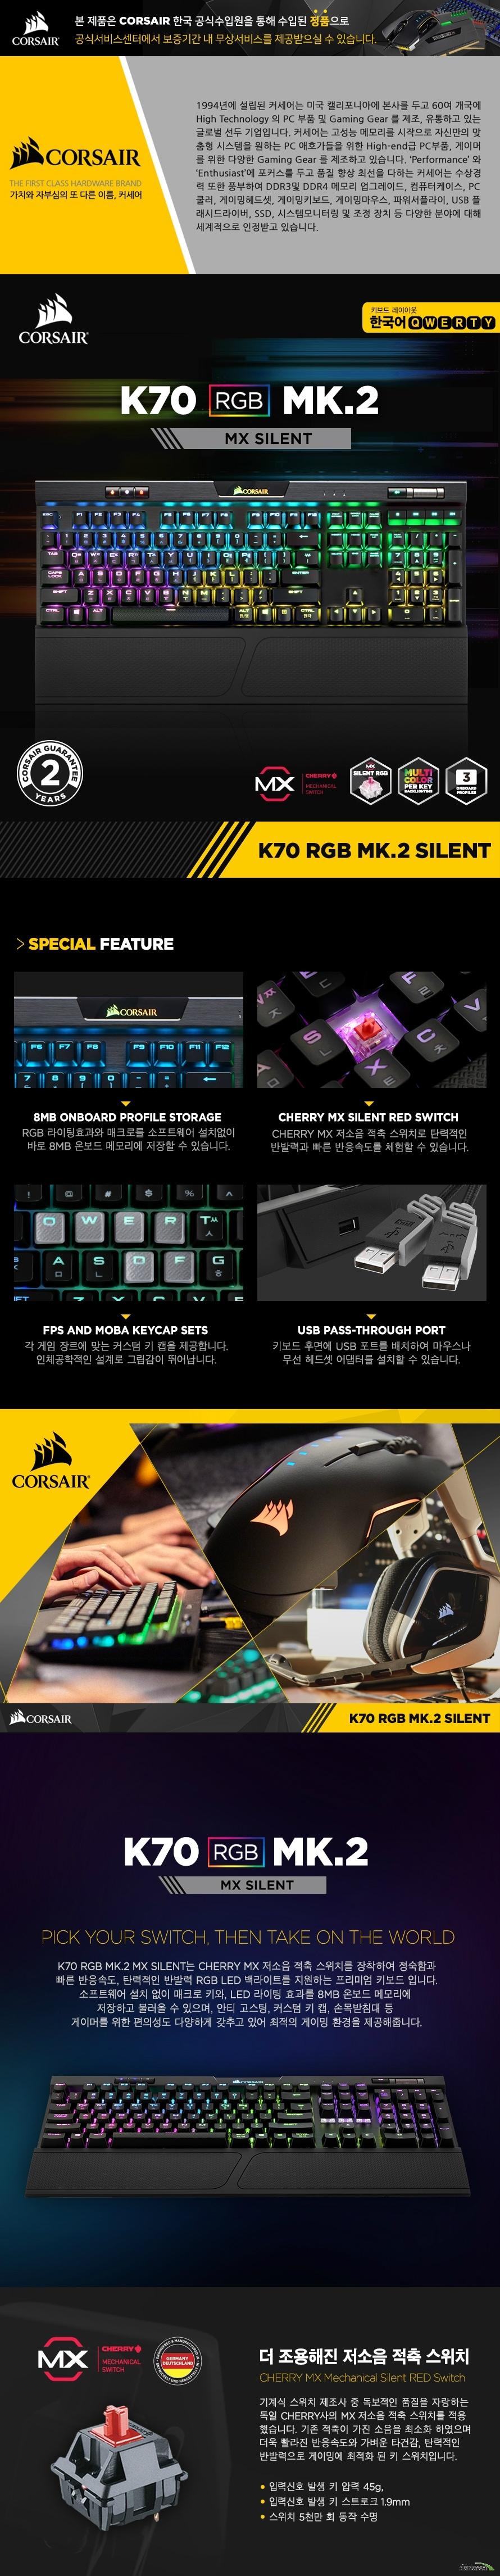 k70 rgb mk.2 BLUE Mechanical Gaming Keyboard 8MB Onboard Profile Storage RGB 라이팅효과와 매크로를 소프트웨어 설치없이 바로 8MB 온보드 메모리에 저장할 수 있습니다. CHERRY MX BLUE Switch CHERRY MX 청축 스위치로 경쾌하고 뚜렷한 키감을 체험할 수 있습니다. FPS and MOBA keycap sets 각 게임 장르에 맞는 커스텀 키 캡을 제공합니다. 인체공학적인 설계로 그립감이 뛰어납니다. USB pass-through port 키보드 후면에 USB 포트를 배치하여 마우스나 무선 헤드셋 어댑터를 설치할 수 있습니다. k70 rgb mk.2 BLUE Pick Your Switch, Then Take On The World K70 RGB MK.2 BLUE는 CHERRY MX RGB 청축 스위치를 장착하여 경쾌하고 뚜렷한 키감, 탄력적인 반발력 RGB LED 백라이트를 지원하는 프리미엄 키보드 입니다. 소프트웨어 설치 없이 매크로 키와, LED 라이팅 효과를 8MB 온보드 메모리에 저장하고 불러올 수 있으며, 안티 고스팅, 커스텀 키 캡, 손목받침대 등 게이머를 위한 편의성도 다양하게 갖추고 있어 최적의 게이밍 환경을 제공해줍니다. Dynamic Multicolor Per Key Backlighting K70 RGB MK.2 BLUE는 고휘도의 RGB LED 감각적인 디자인을 더했습니다. iCUE 소프트웨어를 사용하여 정교한 LED 색상 컨트롤이 가능하고, 게이머의 취향에 맞게 LED 백라이팅 효과를 커스터마이징 할 수 있습니다. 3단계 밝기 조절이 가능한 RGB LED 백라이트 백라이트 밝기 키를 사용하여 3단계로 LED 밝기 조절이 가능합니다. 원하는 LED 밝기를 손쉽게 설정할 수 있습니다. 8MB 온보드 메모리 지원 8MB Onboard Profile Storage 최대 3개의 프로필에 할당 된 8MB의 온보드 메모리를 지원하여 별도의 소프트웨어나 드라이버 설치없이 LED 라이팅 효과와, 매크로 키를 키보드에 저장할 수 있어 PC가 바뀌어도 나만의 설정으로 게임을 즐길 수 있습니다. 100 안티고스팅 기술 지원 여러 키를 동시에 눌러도 모두 입력이 가능한 100% 안티고스팅 기술 지원으로 무한동시입력이 가능하여 더욱 빠르고 편리하게 게임을 즐길 수 있습니다. 별도의 장치를 위한 USB포트 지원 키보드 후면에 별도의 장치를 위한 USB포트가 장착되어 있어, 마우스나 무선 헤드셋 어댑터를 연결하여 사용할 수 있습니다. 영문 키보드와 동일한 104키 배열 K70 RGB MK.2 BLUE는 104키 배열 디자인으로 한자와 한영 키를 따로 추가하지 않고 우측 알트 키, 컨트롤 키에 할당하여 한글 키보드를 영문 키 배열과 같은 느낌으로 사용할 수 있습니다. 편리한 윈도우 키 잠금 기능 키보드 상단에 윈도우 키 잠금 버튼이 내장되어 있어 게임 중 바탕화면으로 튕길 걱정 없이 즐길 수 있습니다. 멀티미디어 전용 컨트롤 키 지원 멀티미디어와 볼륨 전용 키 제공으로 동영상 및 음악 감상시에도 최상의 편의성을 제공합니다. 게임 중에서도 바탕화면으로 돌아가는 일 없이 간편한 조작만으로 음악과 함께하는 게임 환경을 조성할 수 있습니다. 게임 장르에 맞는 커스텀 키 캡 각 게임 장르에 맞는 다양한 커스텀 키 캡을 제공합니다. 실버 컬러로 제작된 커스텀 키캡은 인체공학적인 설계와 미끄럼방지 디자인으로 최상의 타이핑을 제공해줍니다. 탈부착형 디자인의 부드러운 손목받침대 고무 재질의 부드러운 손목받침대를 장착하여 장시간 키보드 사용 시 손목의 부담을 줄여줍니다. 탈부착형 디자인으로 편의에 맞게 사용할 수 있습니다. 견고한 내구성의 알루미늄 프레임 아노다이징 기술로 마감한 알루미늄 프레임은 가볍고 고급스러움을 더하며, 장시간 키보드를 사용하여도 쉽게 뒤틀림이 없는 견고한 내구성을 자랑합니다. iCUE를 이용한 커스터마이징 iCUE 소프트웨어를 사용하여 생생한 RGB LED 조명 효과를 커스텀하고, 정교한 매크로 프로그래밍을 할 수 있습니다. 다양한 설정을 손